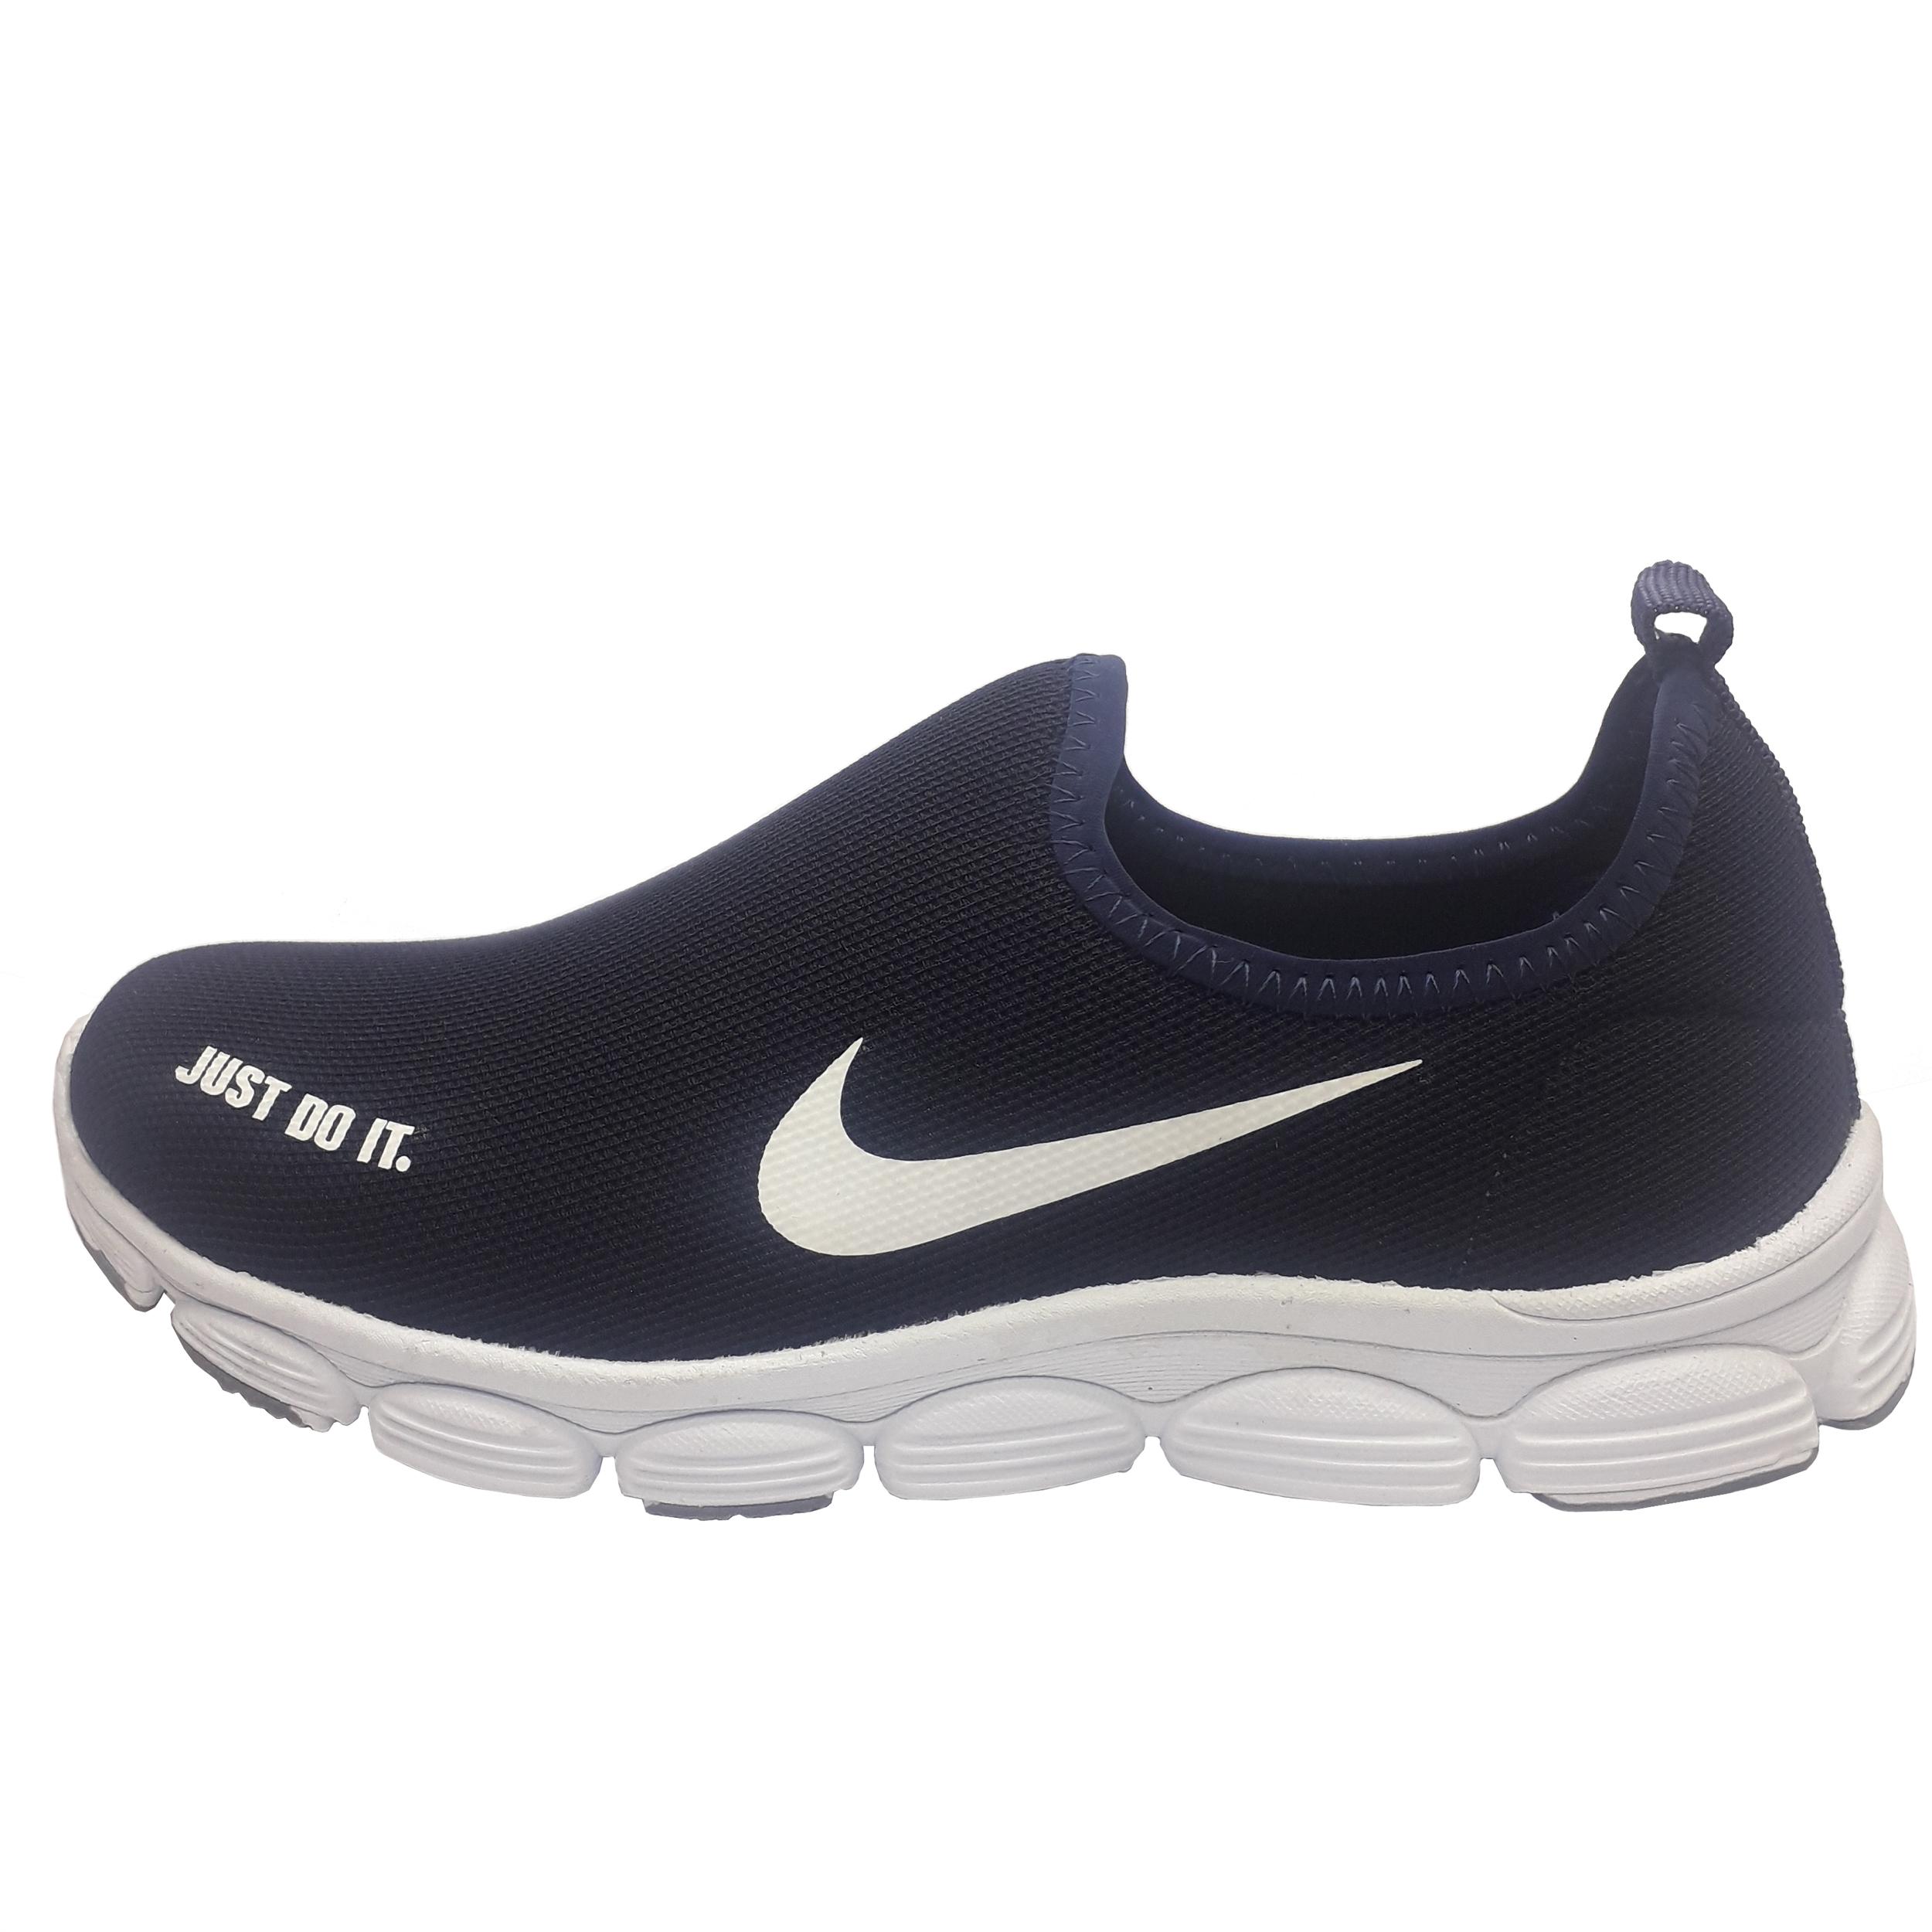 کفش پیاده روی مدل N003